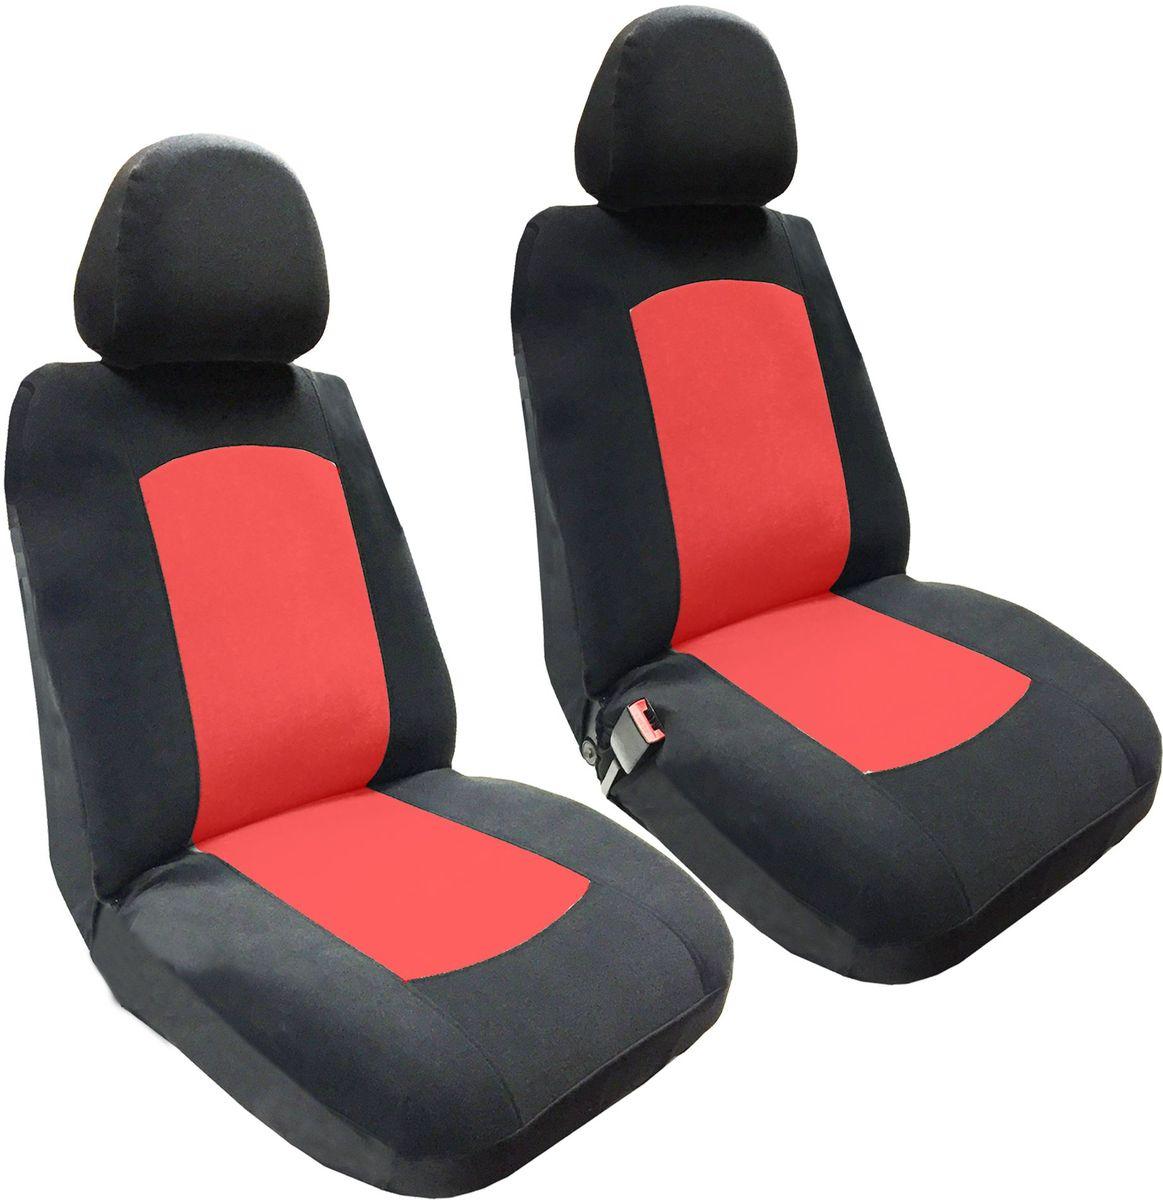 Набор автомобильных чехлов Auto Premium Фрегат, цвет: черный, красный, 4 предмета57203Комплект универсальных чехлов Auto Premium Фрегат выполнен из велюра, предназначен для передних кресел автомобиля. На задней спинке чехла расположен вшивной карман. В комплект входят съемные чехлы для подголовников. Практичный и долговечный комплект чехлов для передних сидений надежно защищает сиденье водителя и пассажира от механических повреждений, загрязнений и износа.